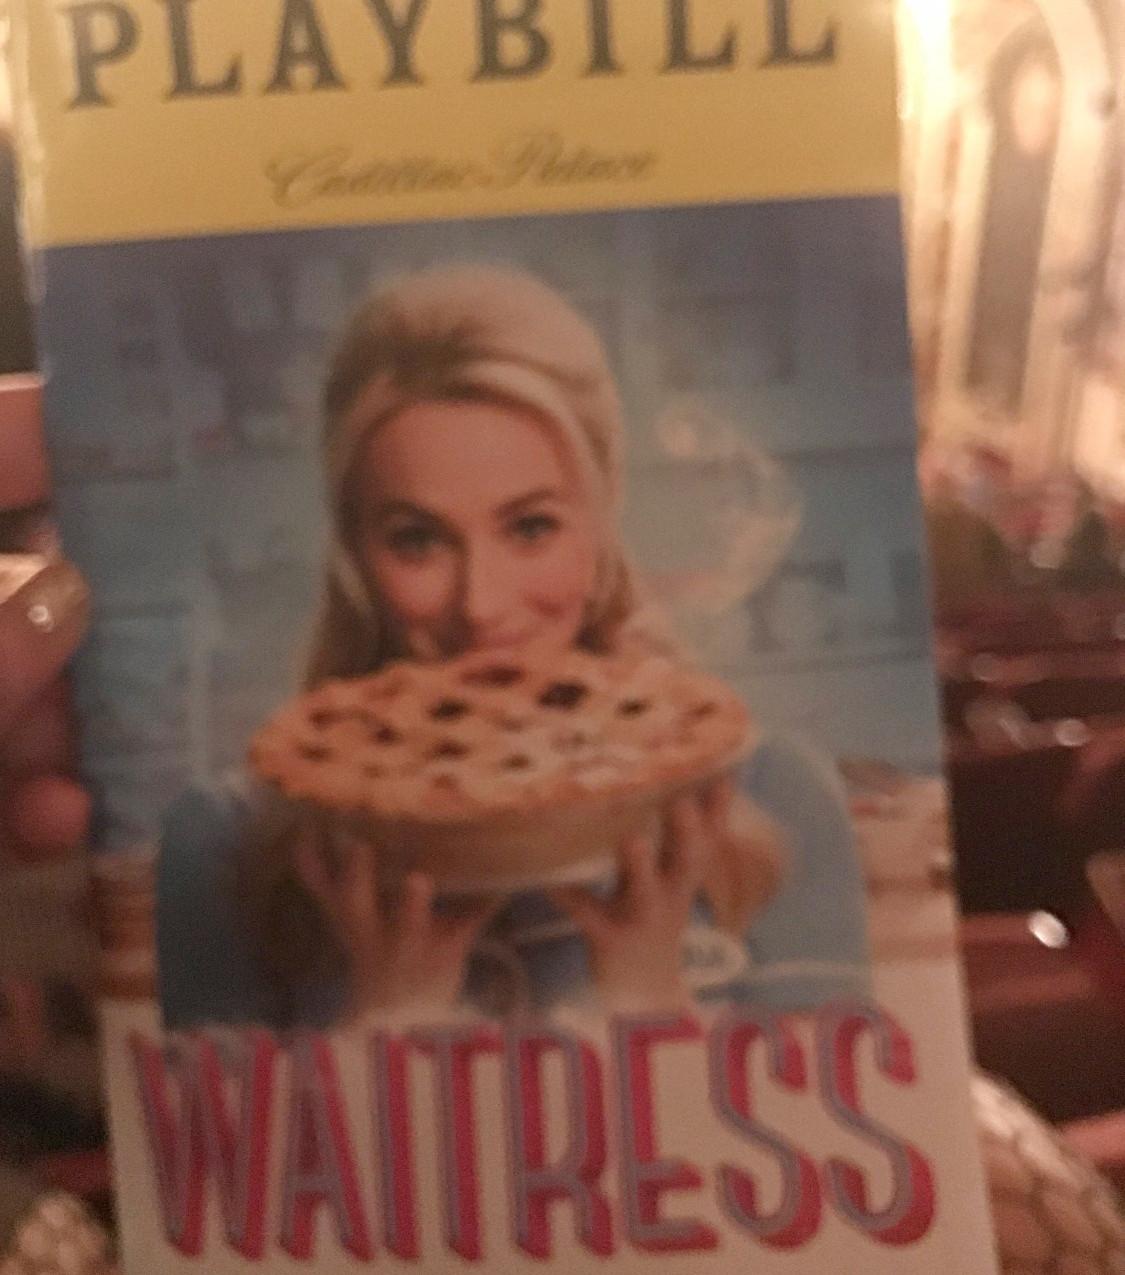 Playbills for Hamilton and Waitress